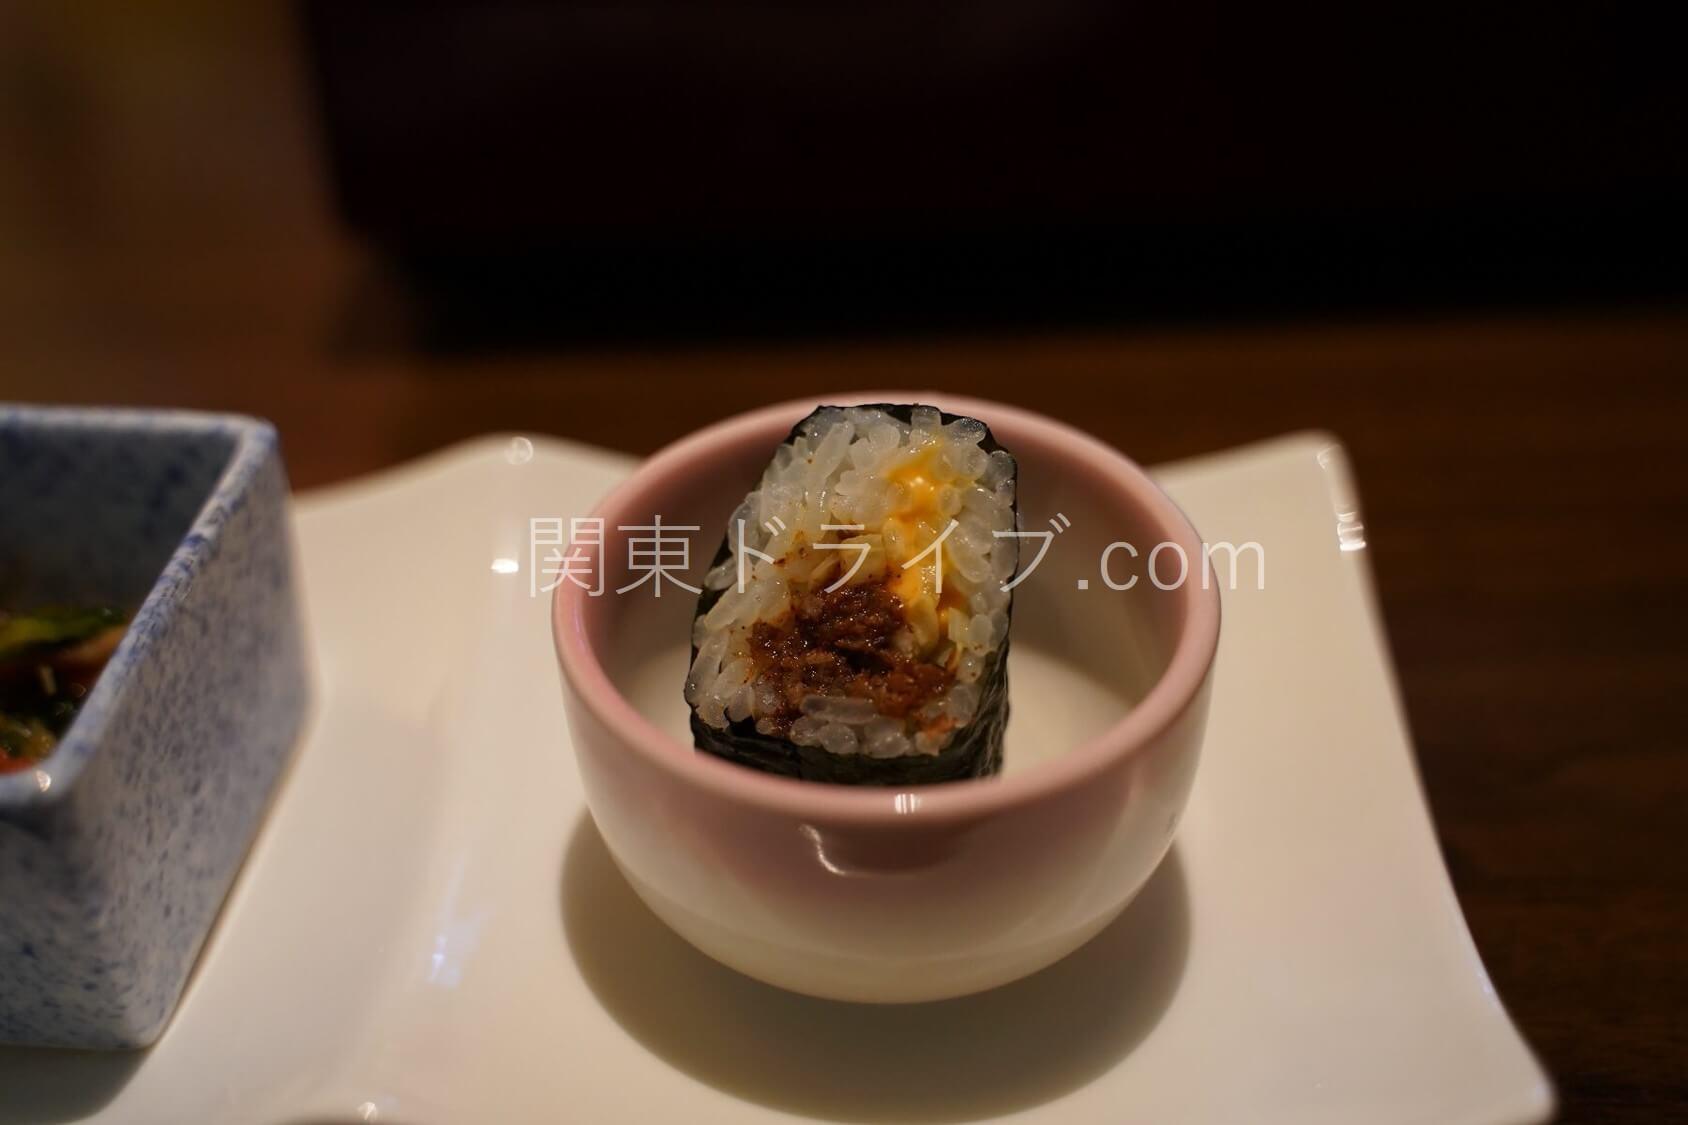 あぐーしゃぶしゃぶ・沖縄料理「かふぅ」の料理2